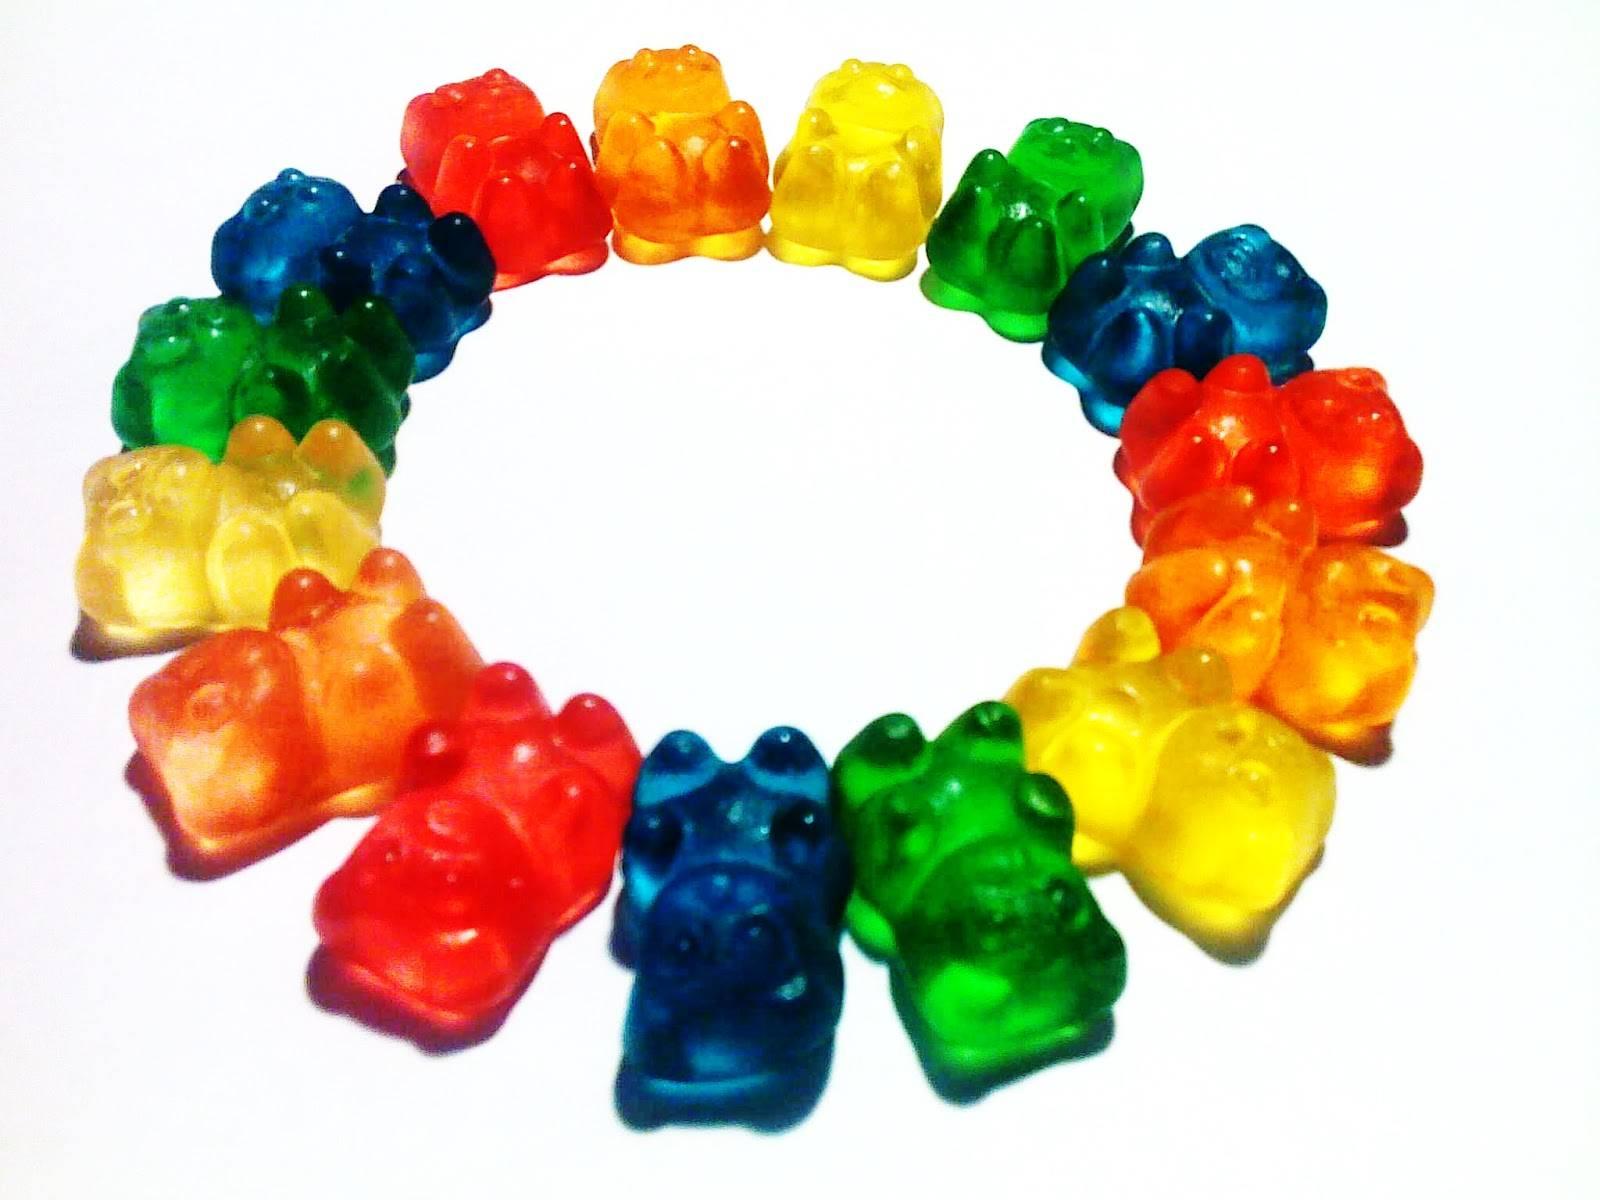 Gummy bears clipart.